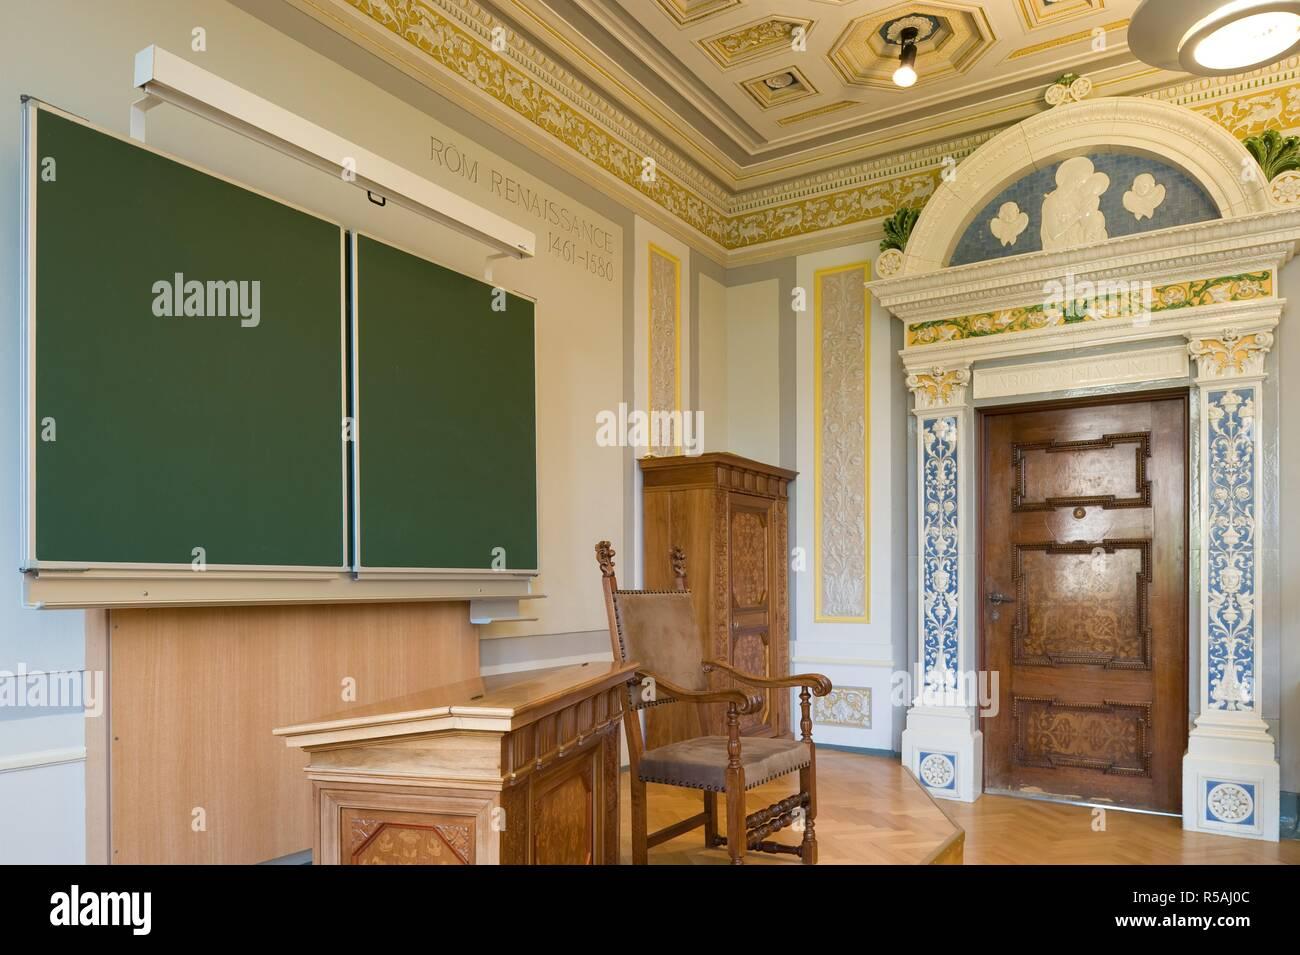 Niederösterreich, Berndorf, Stilklassen in den von Arthur Krupp errichteten Schulen, 1896 - Lower Austria, Berndorf, Style Classrooms, 1896 Stock Photo